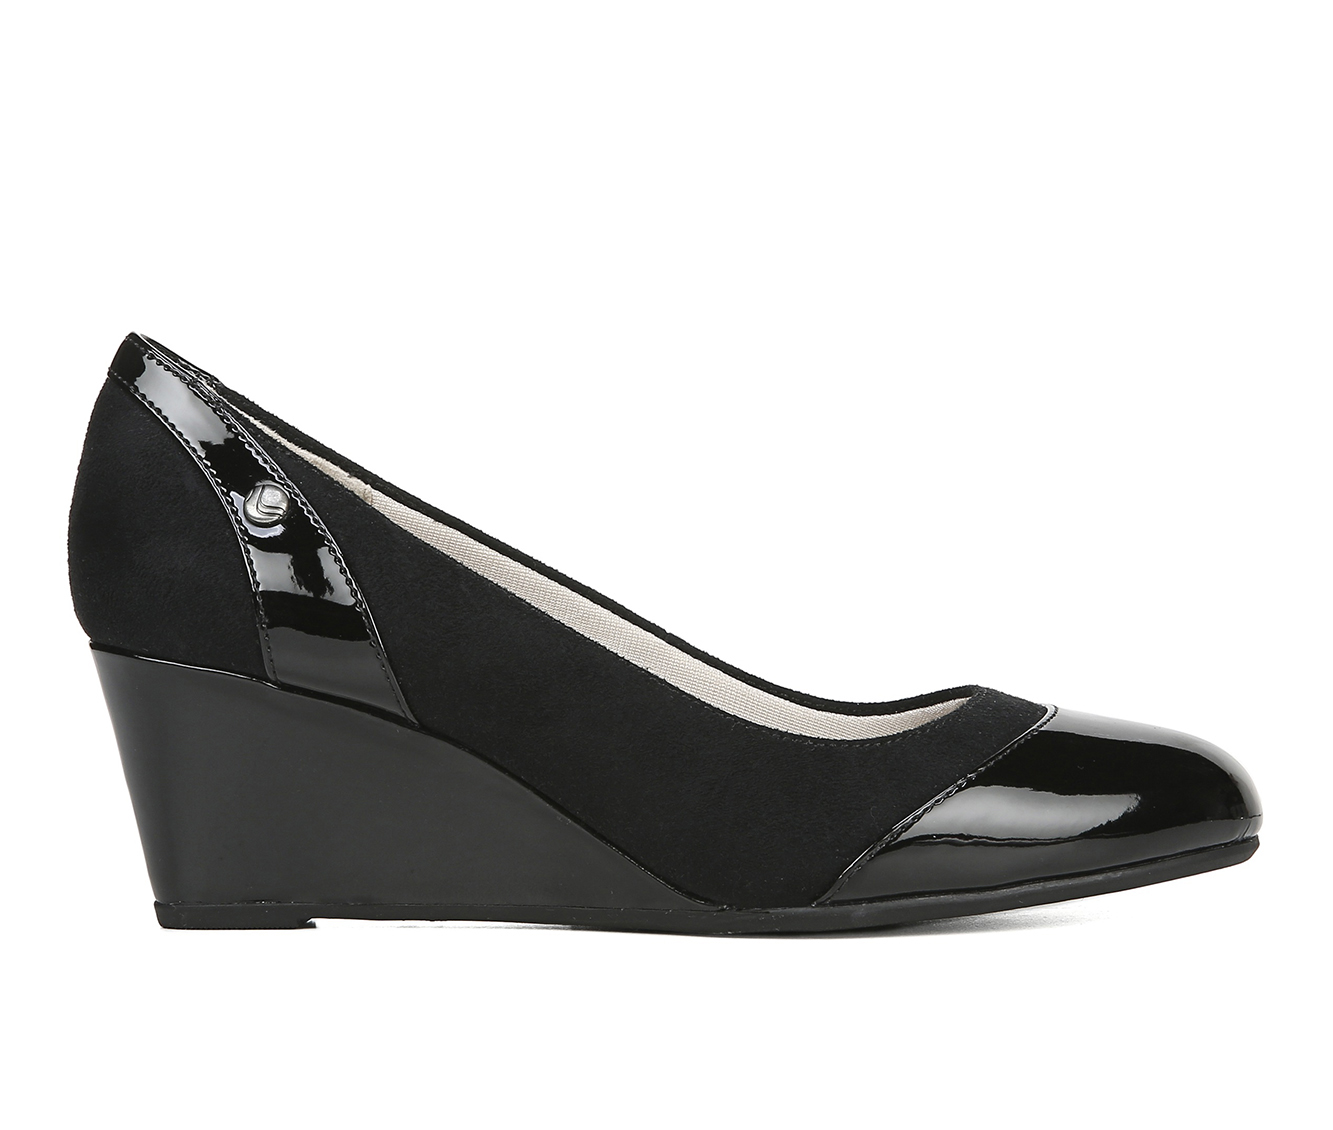 LifeStride Dreams Women's Dress Shoe (Black Canvas)